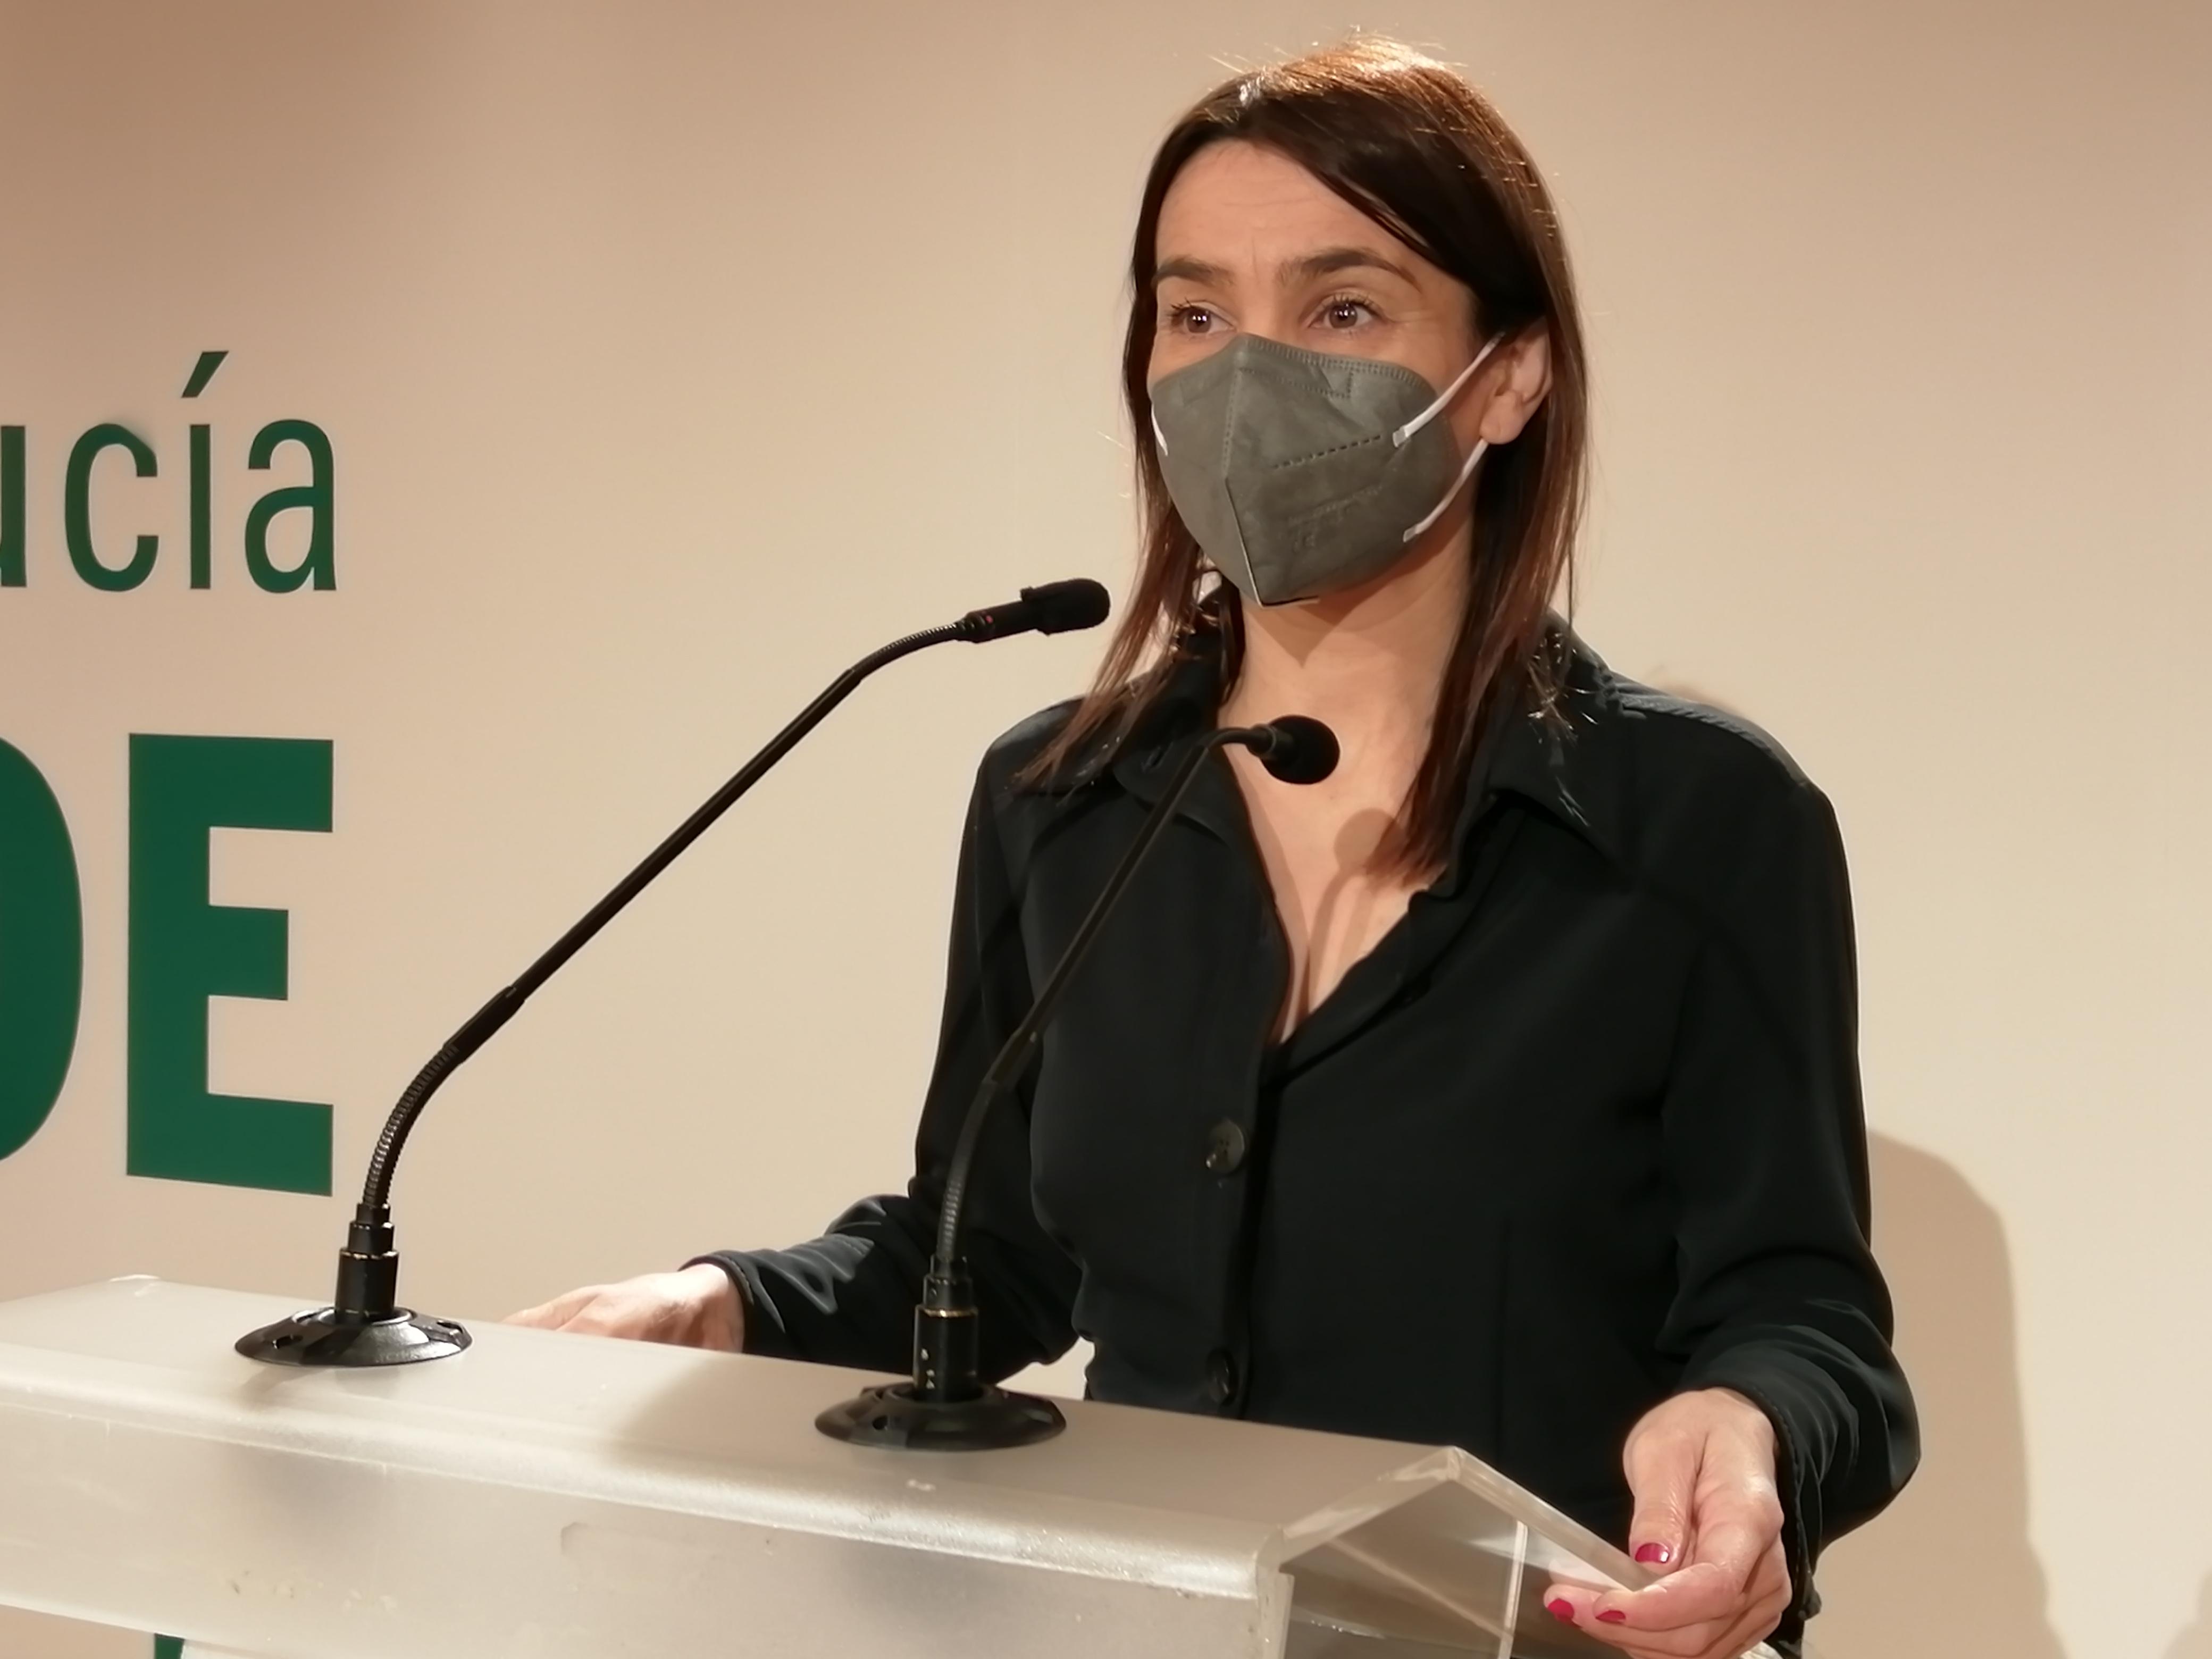 El PSOE presentará mociones en los ayuntamientos para reclamar a la Junta nuevos planes de empleo